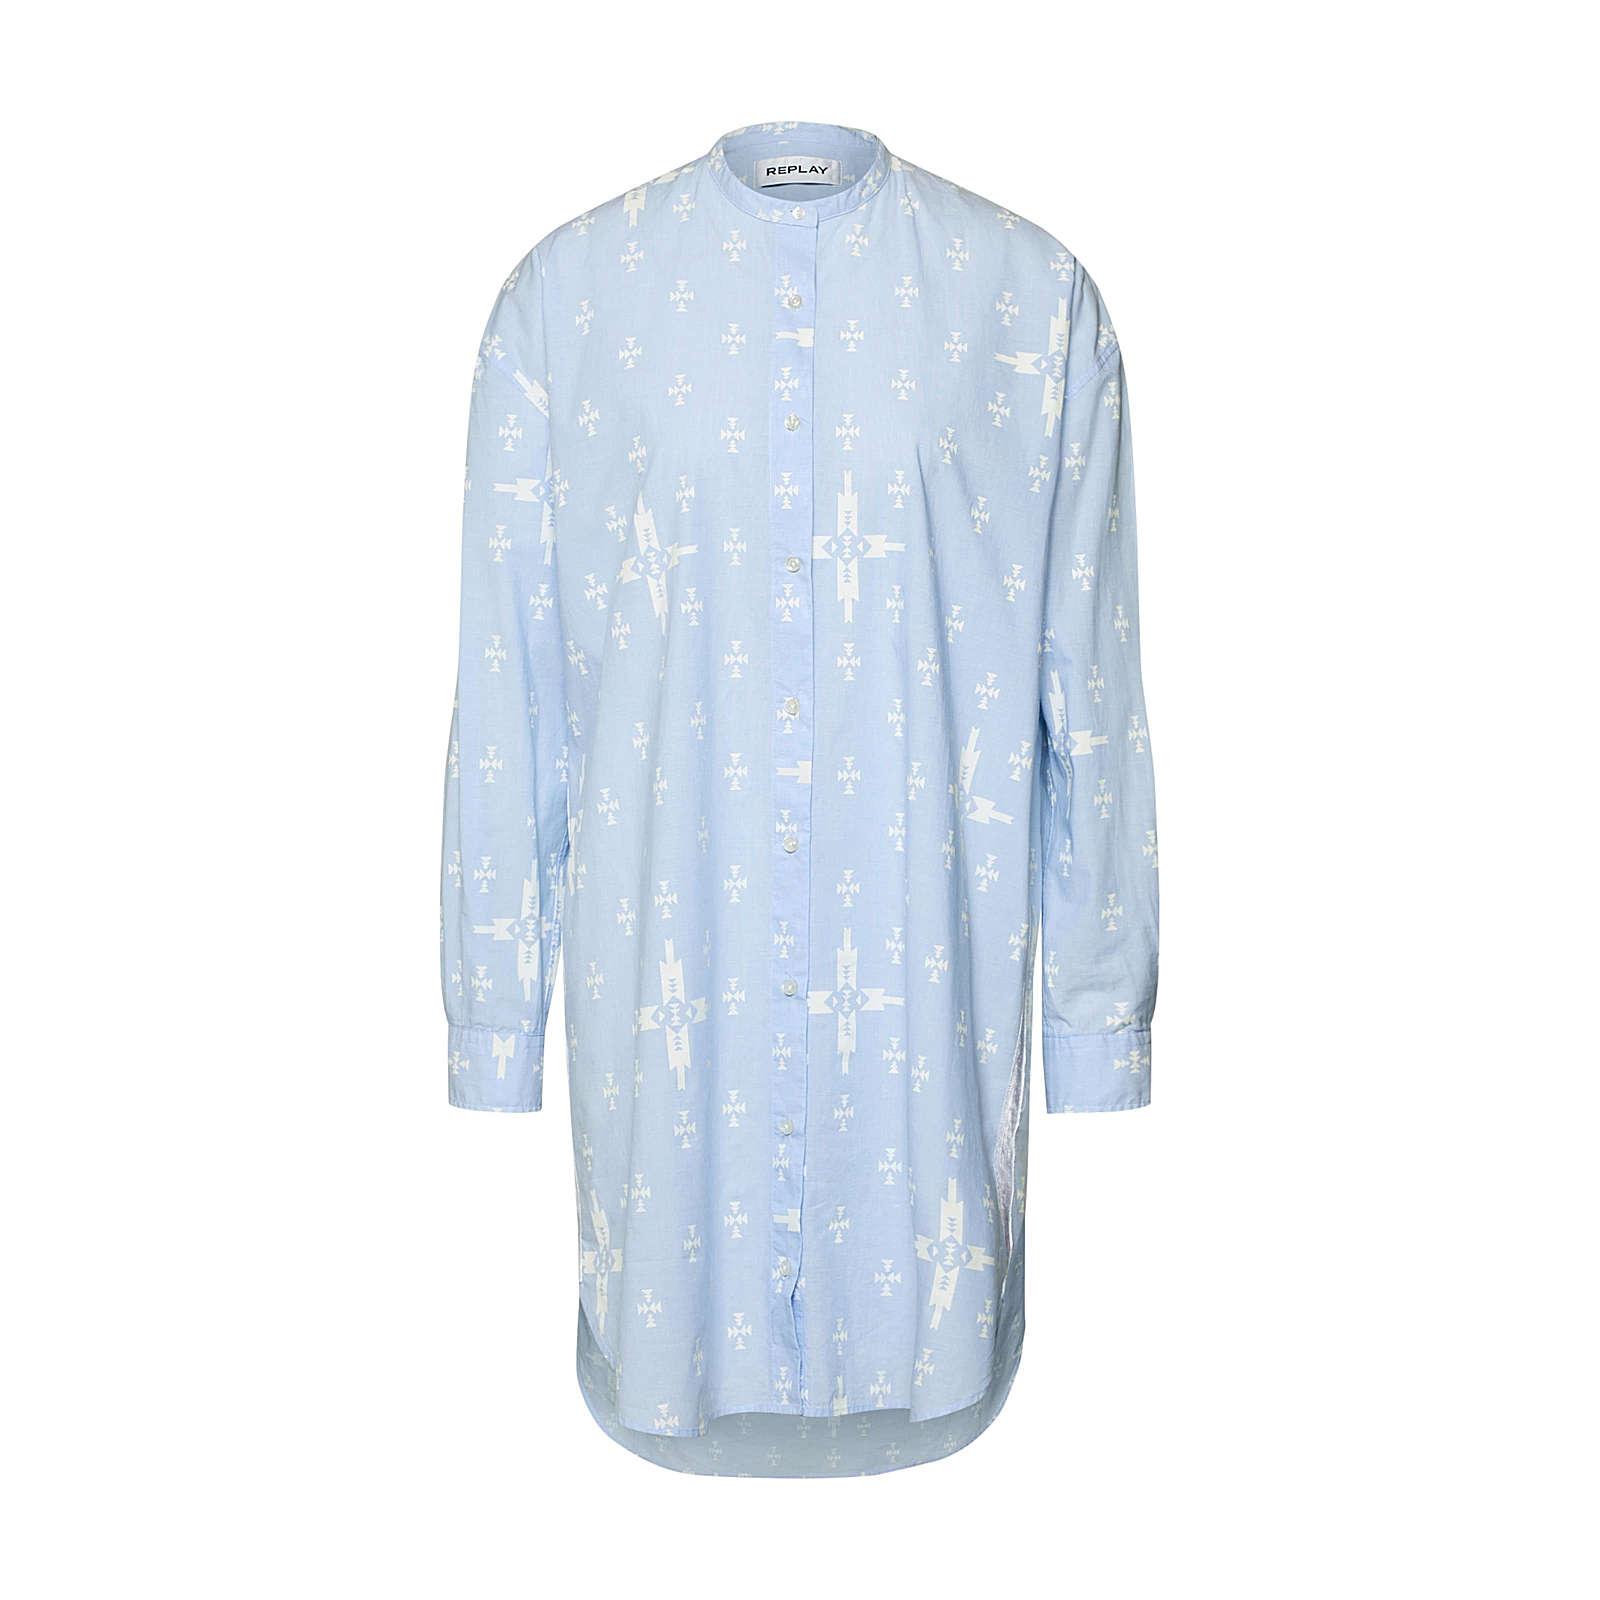 REPLAY Blusenkleid Kleid Blusenkleider hellblau Damen Gr. 34